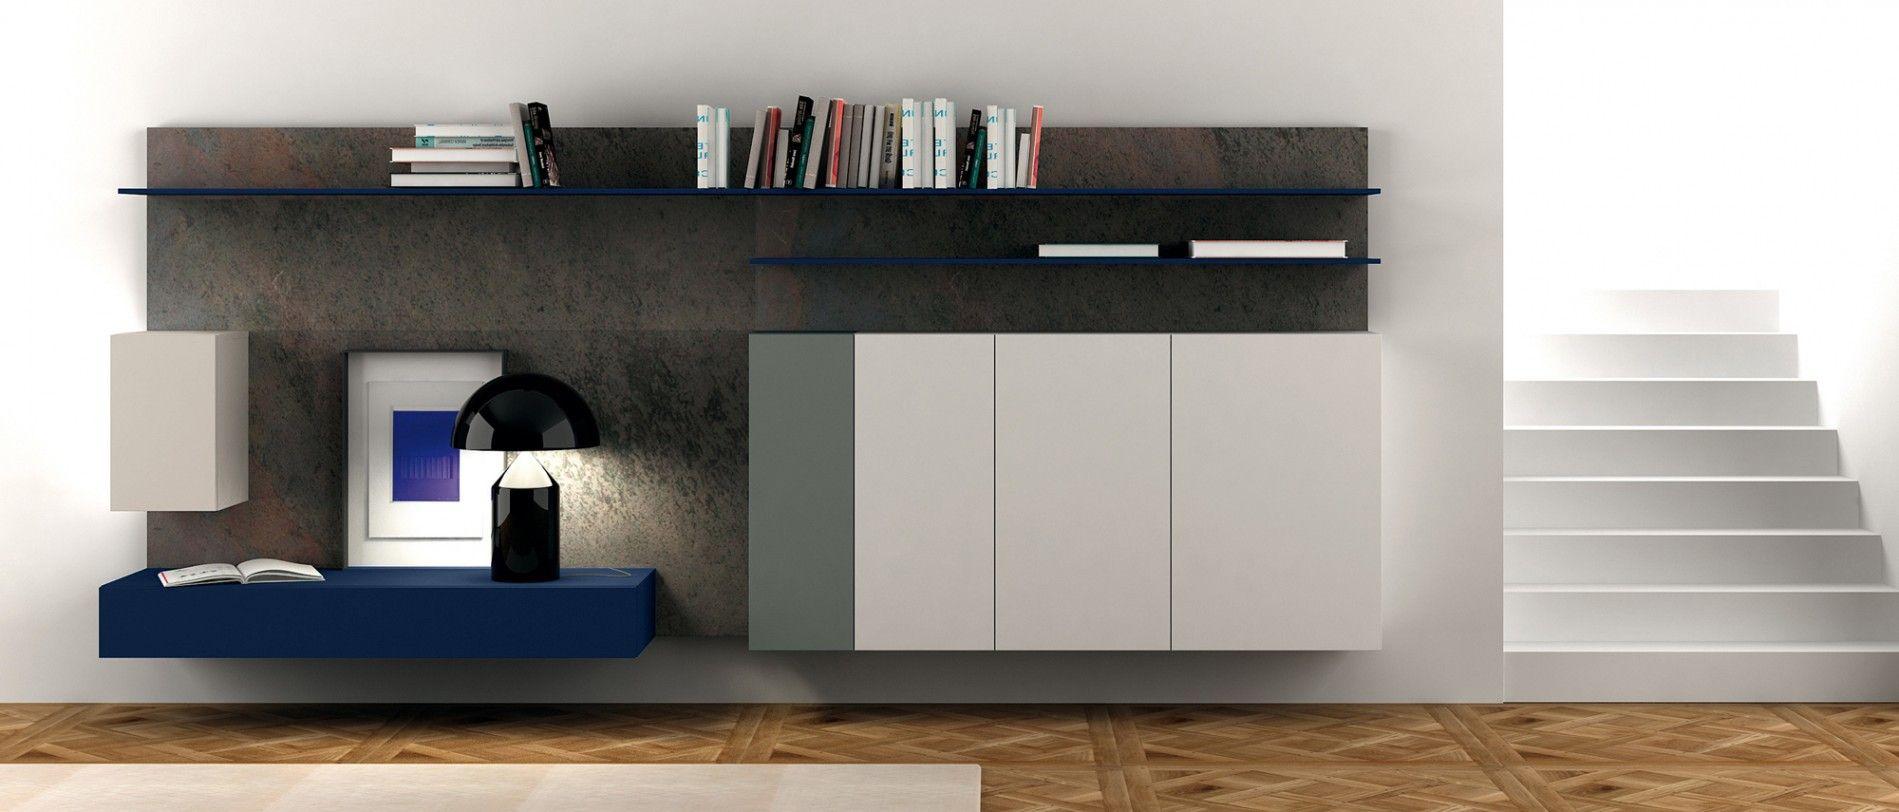 Composizione soggiorno serie spazio m214 di pianca for Arredamento on line